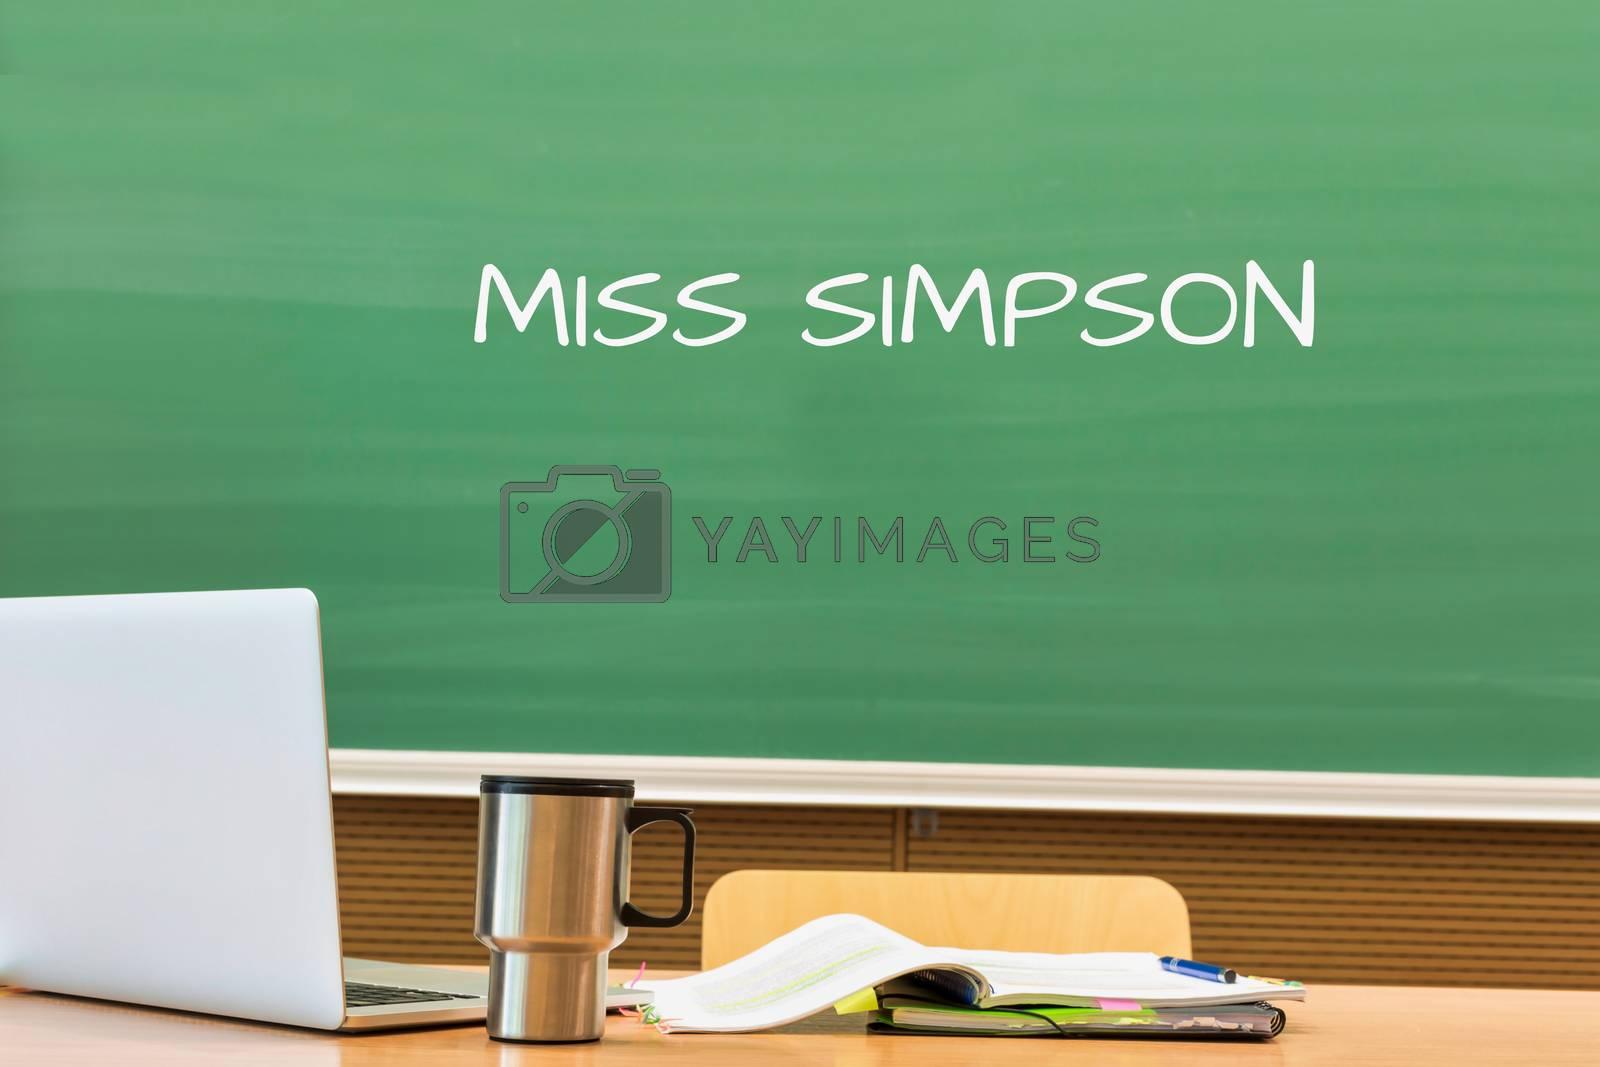 Back to School written on black board in classroom